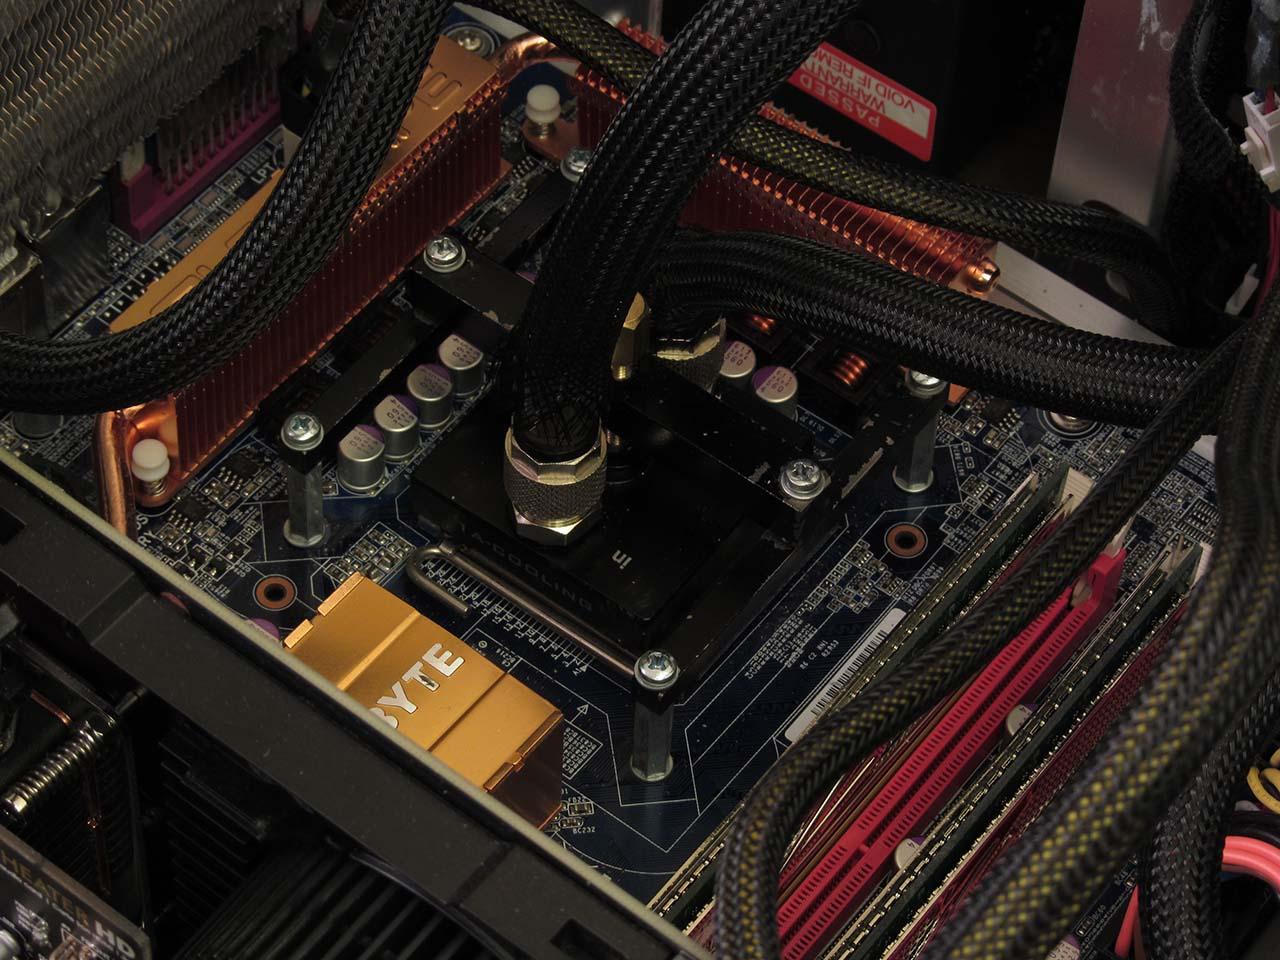 Q6700 GTX 470 Braided Sleeving tubes